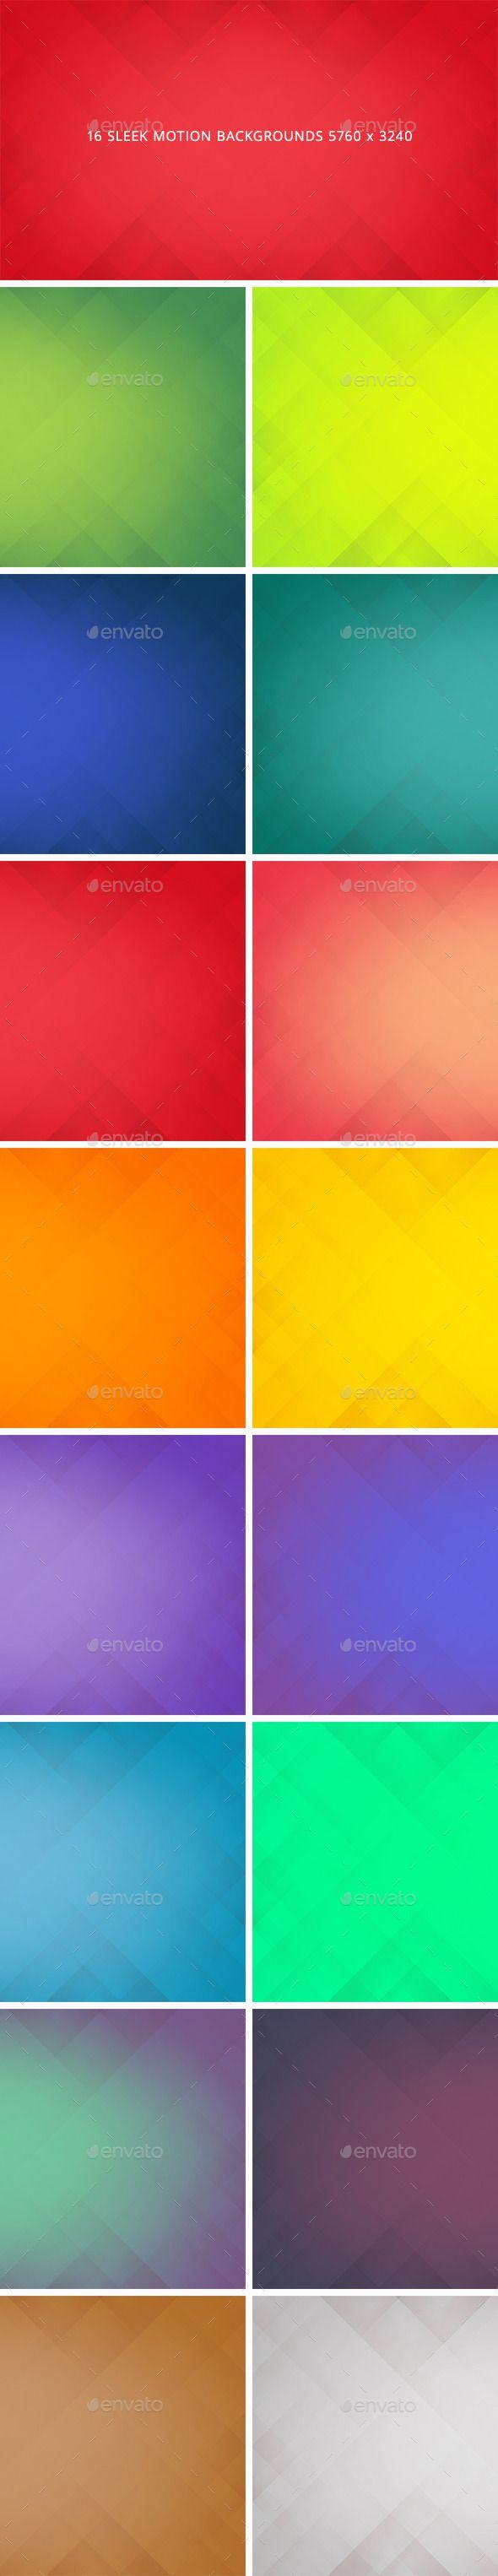 16 Sleek Motion Backgrounds PNG, JPG #design Download: http://graphicriver.net/item/16-sleek-motion-backgrounds/13813989?ref=ksioks